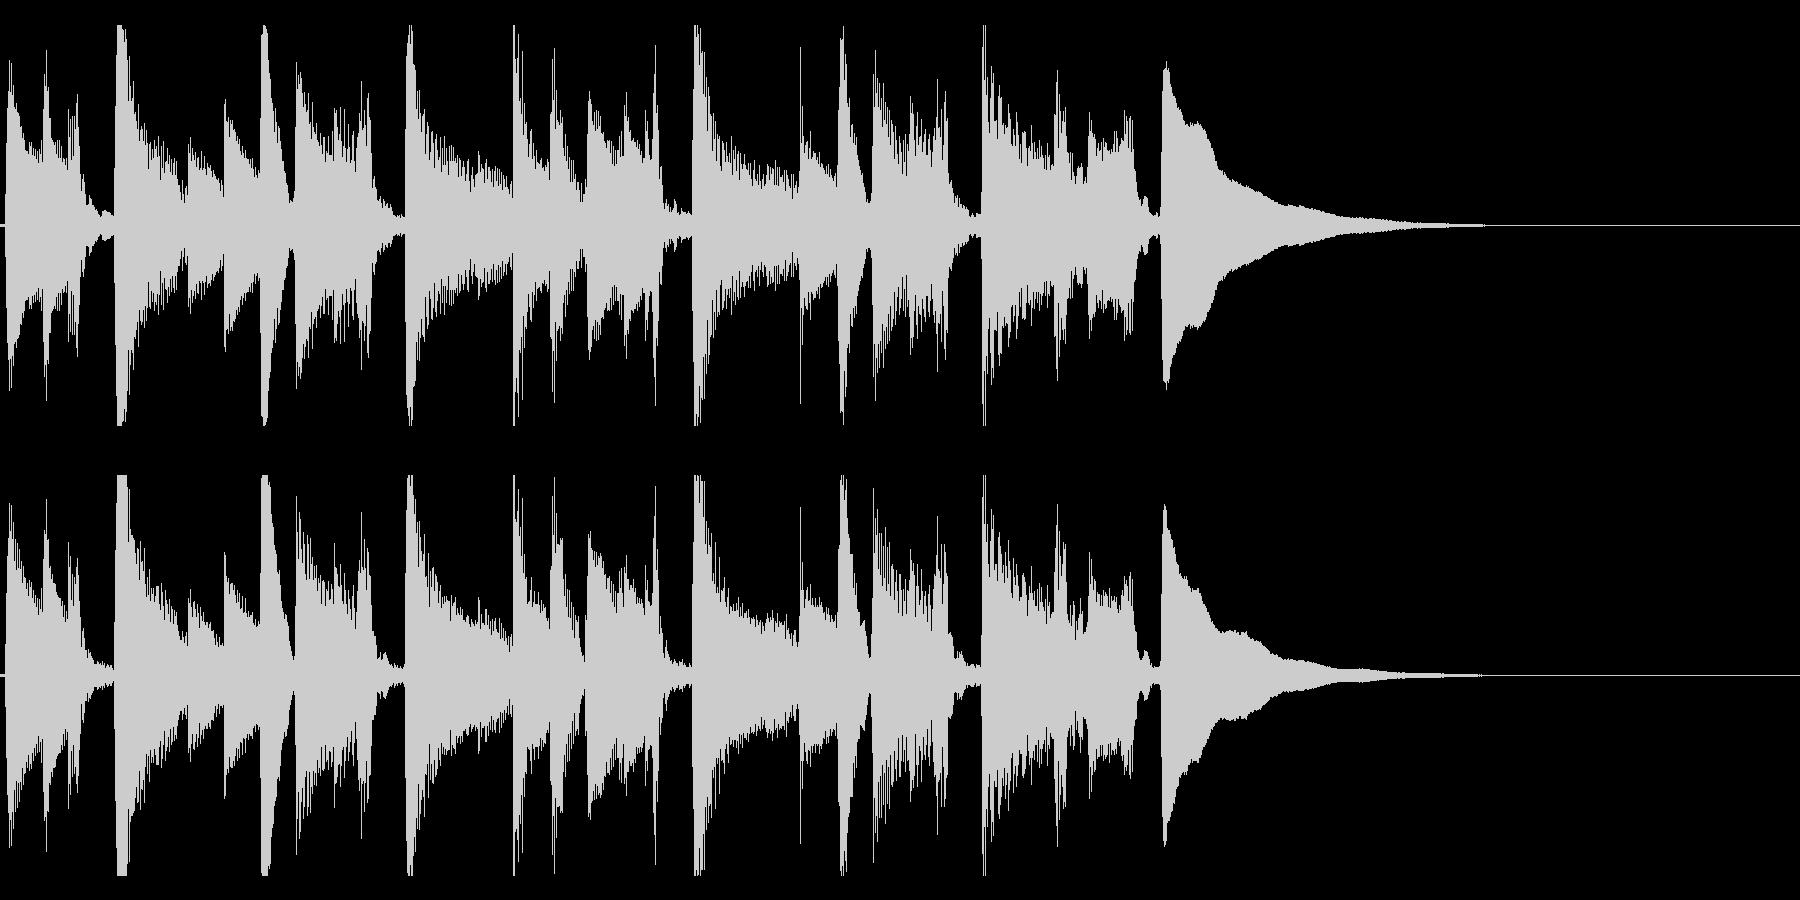 生演奏アコギのジングル10 優しいの未再生の波形